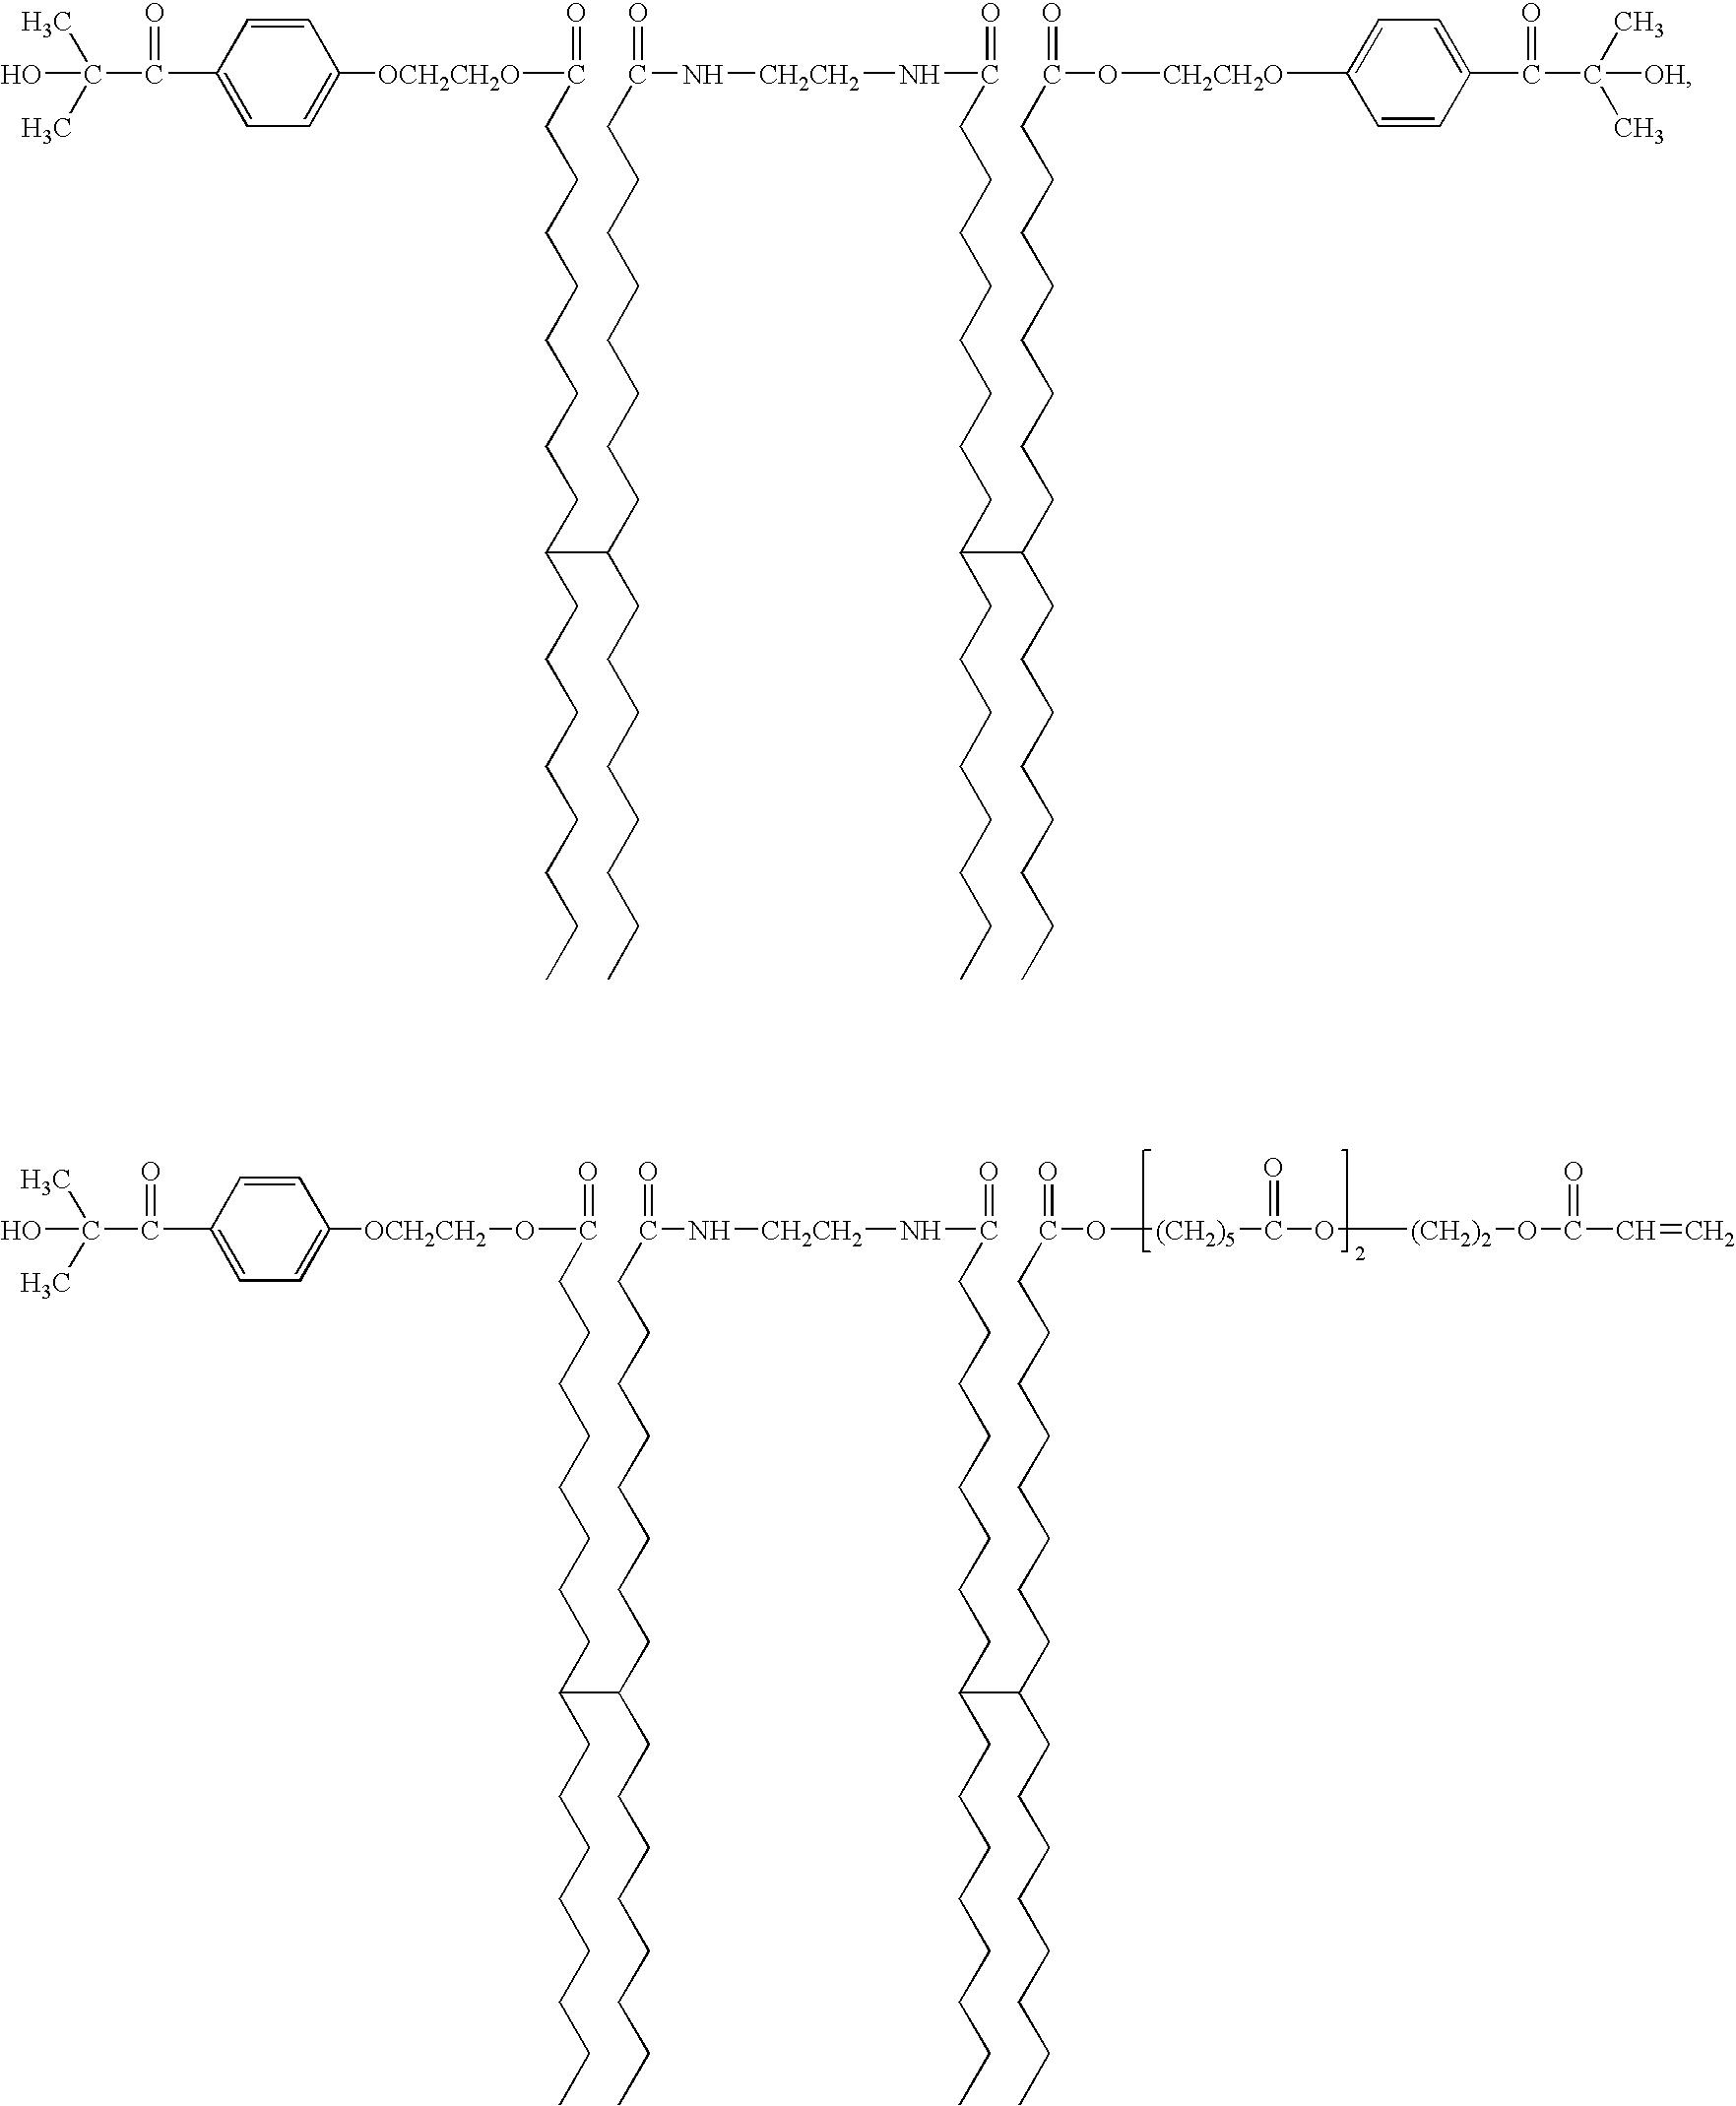 Figure US07279587-20071009-C00077